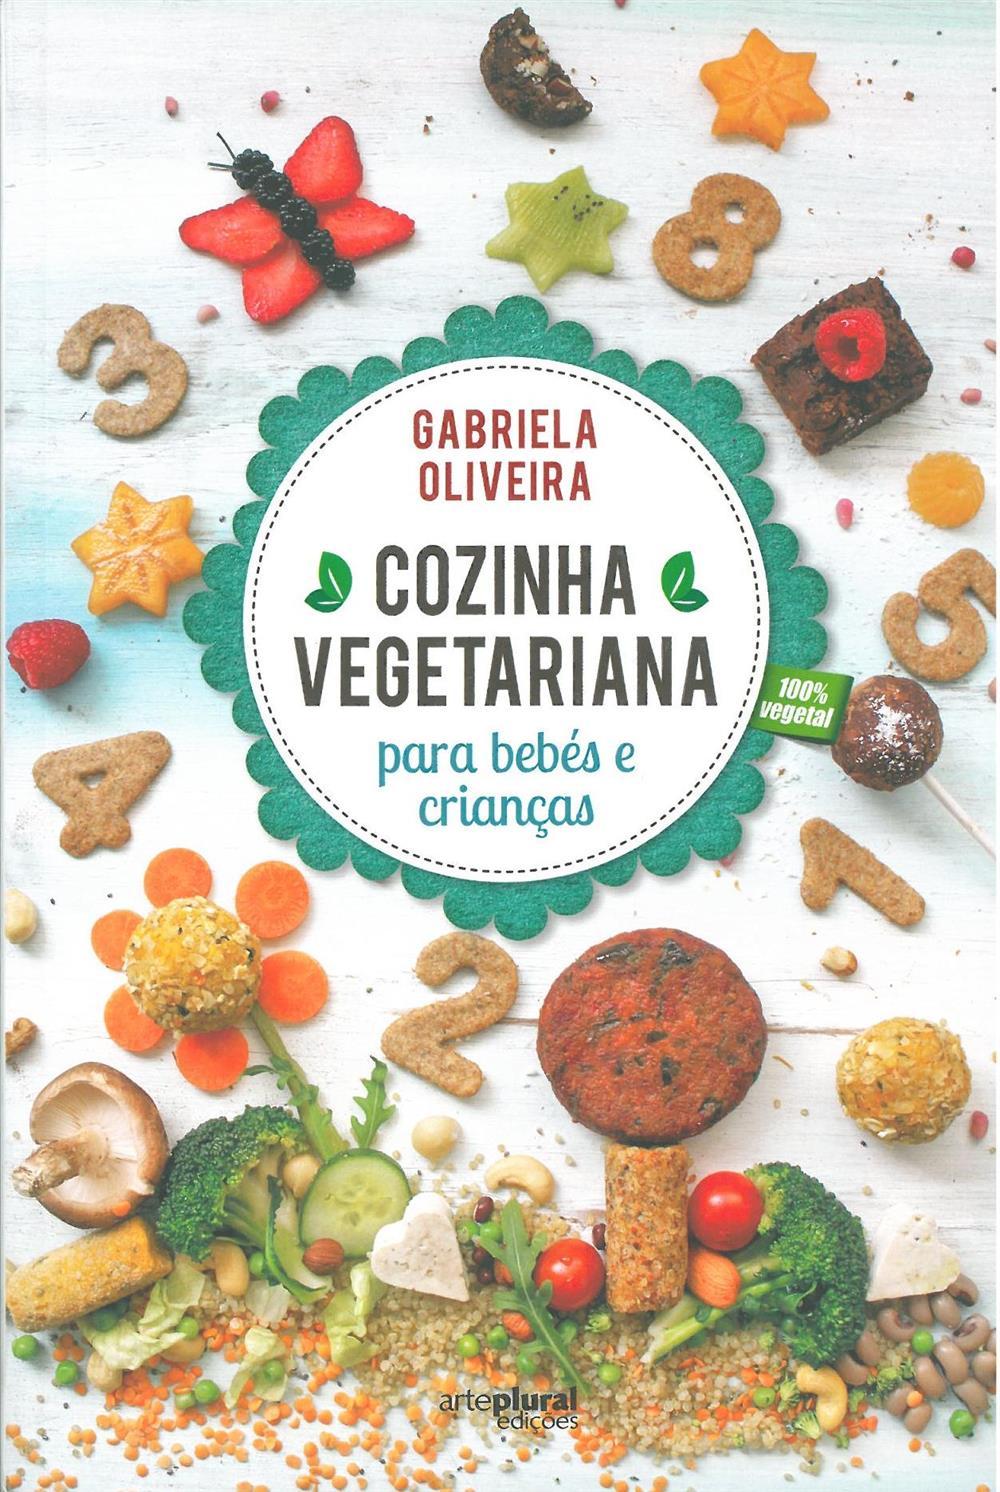 Cozinha vegetariana para bebés e crianças_.jpg